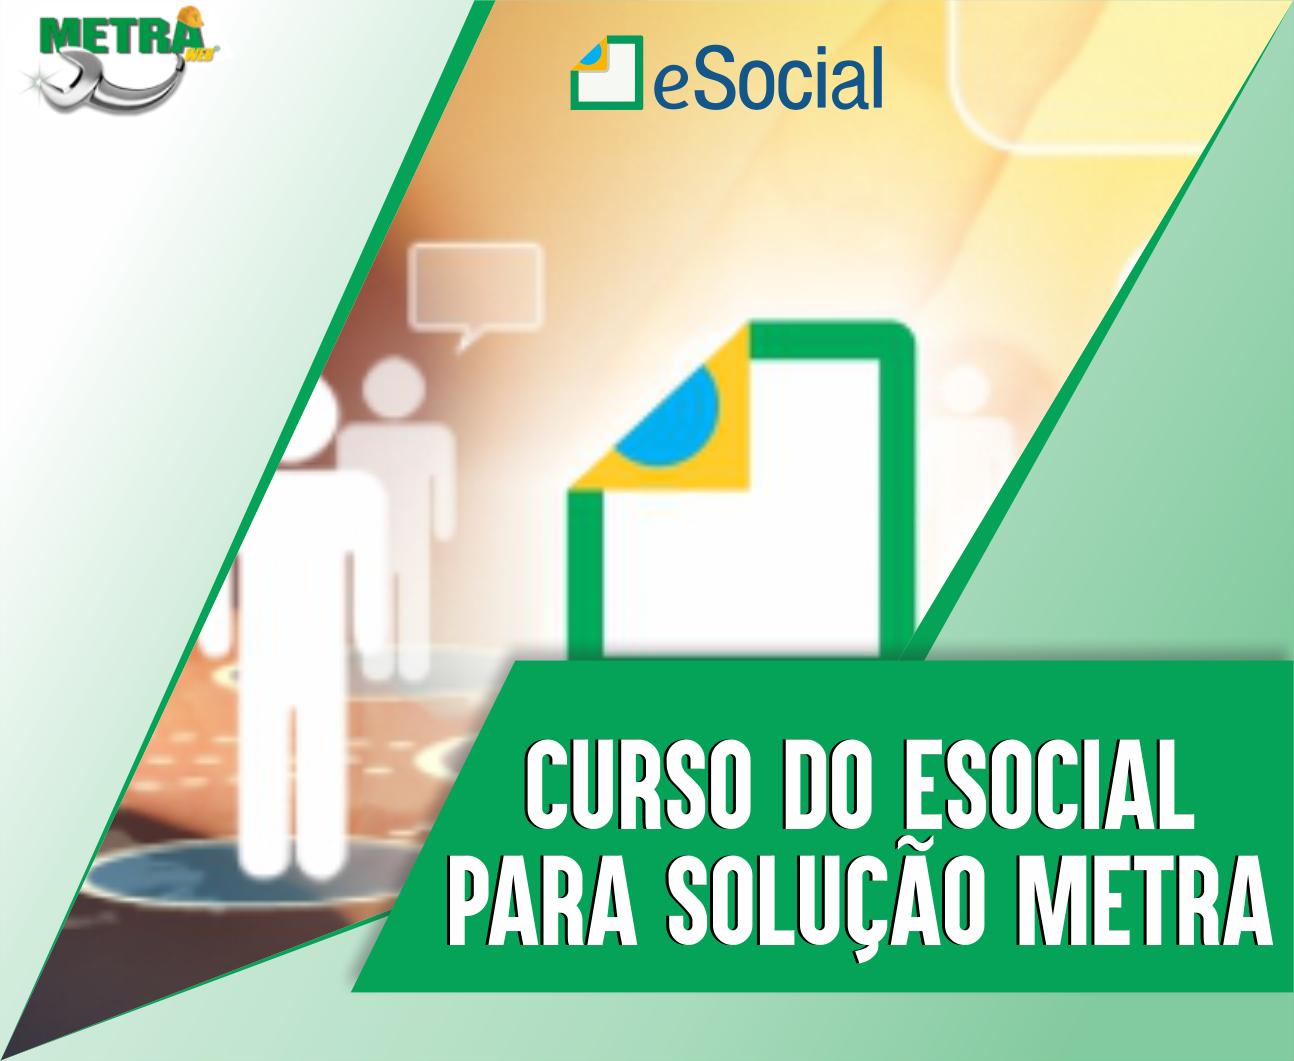 Curso do eSocial para o METRA